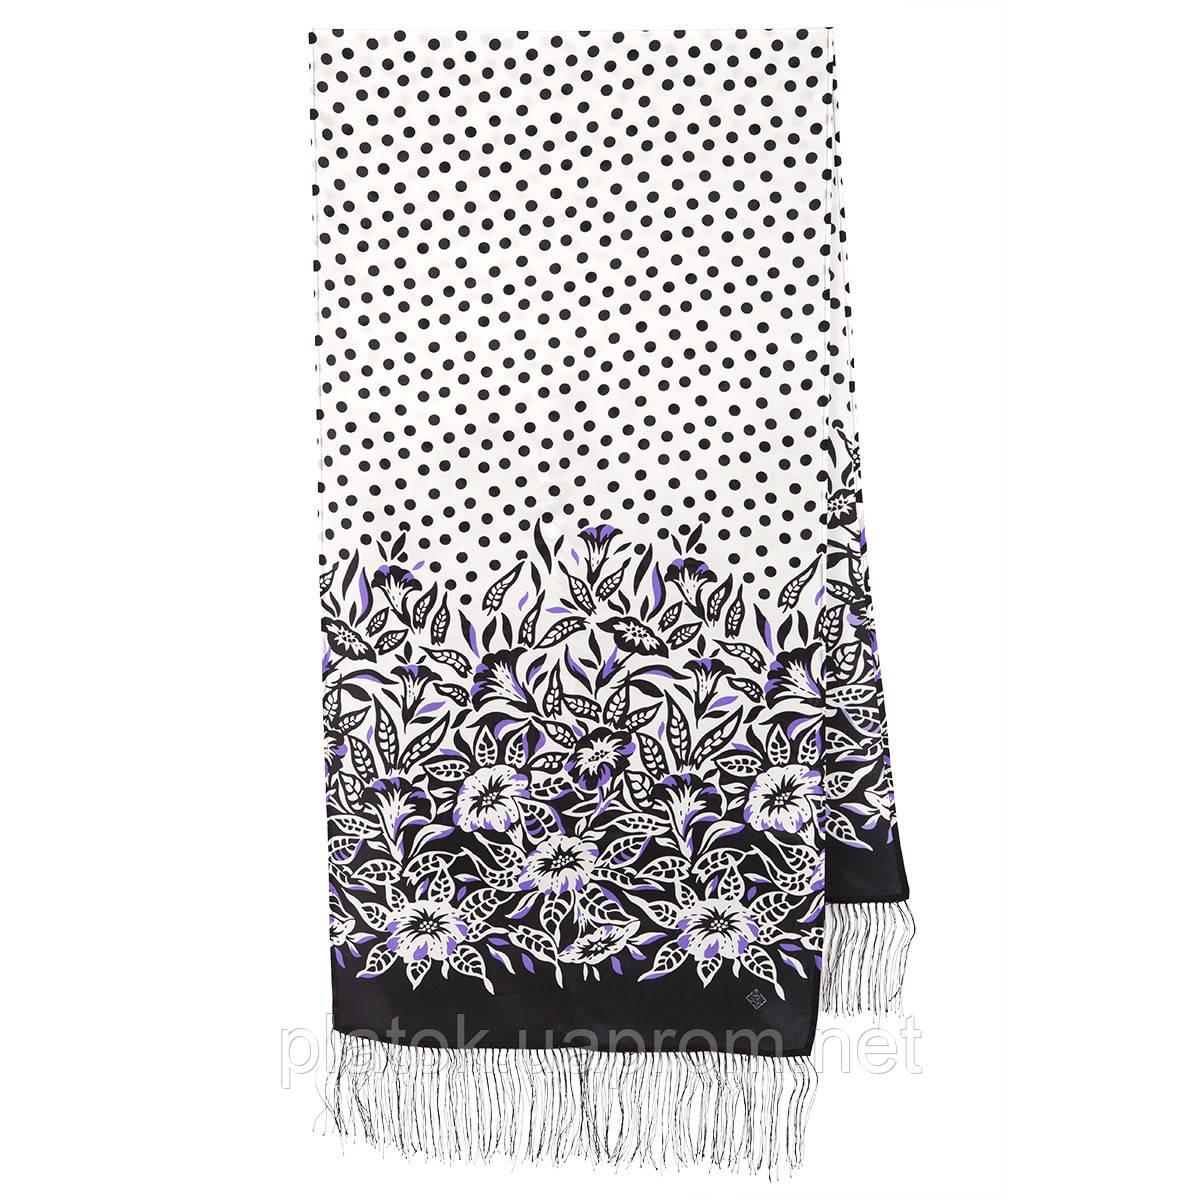 Полевой вьюнок 1660-18, павлопосадский шарф шелковый крепдешиновый с шелковой бахромой